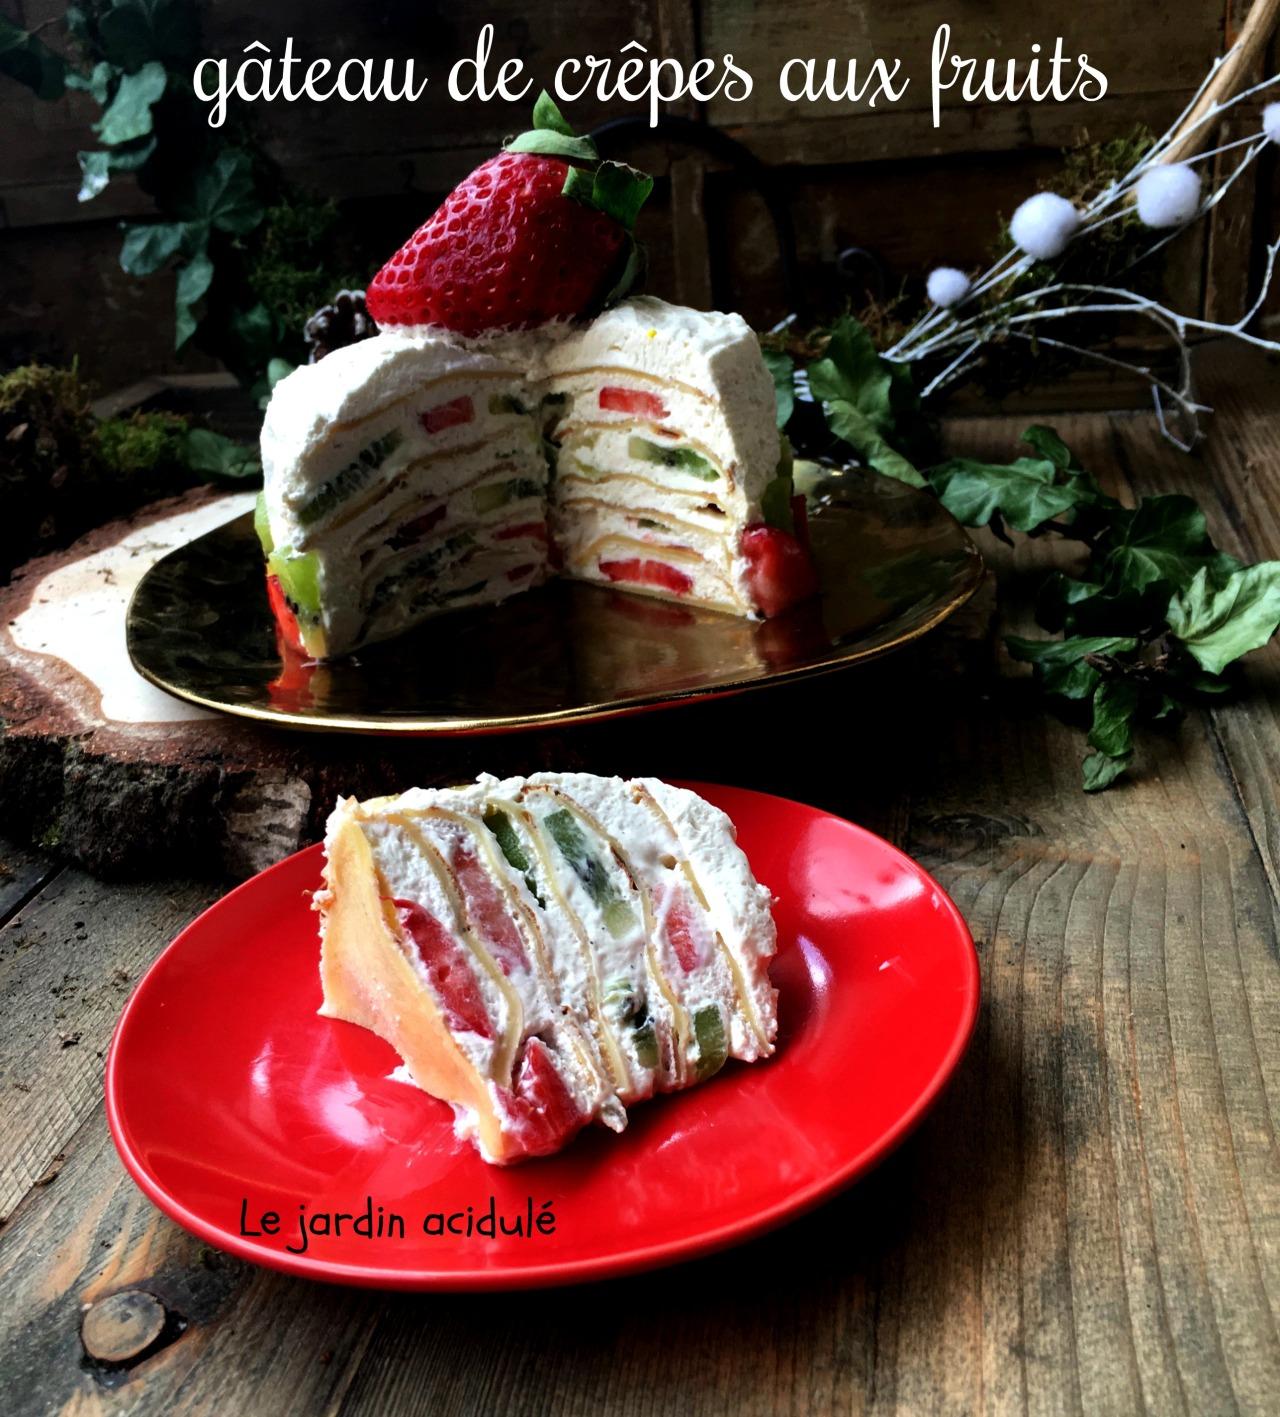 Gâteau de crêpes aux fruits 5.jpg